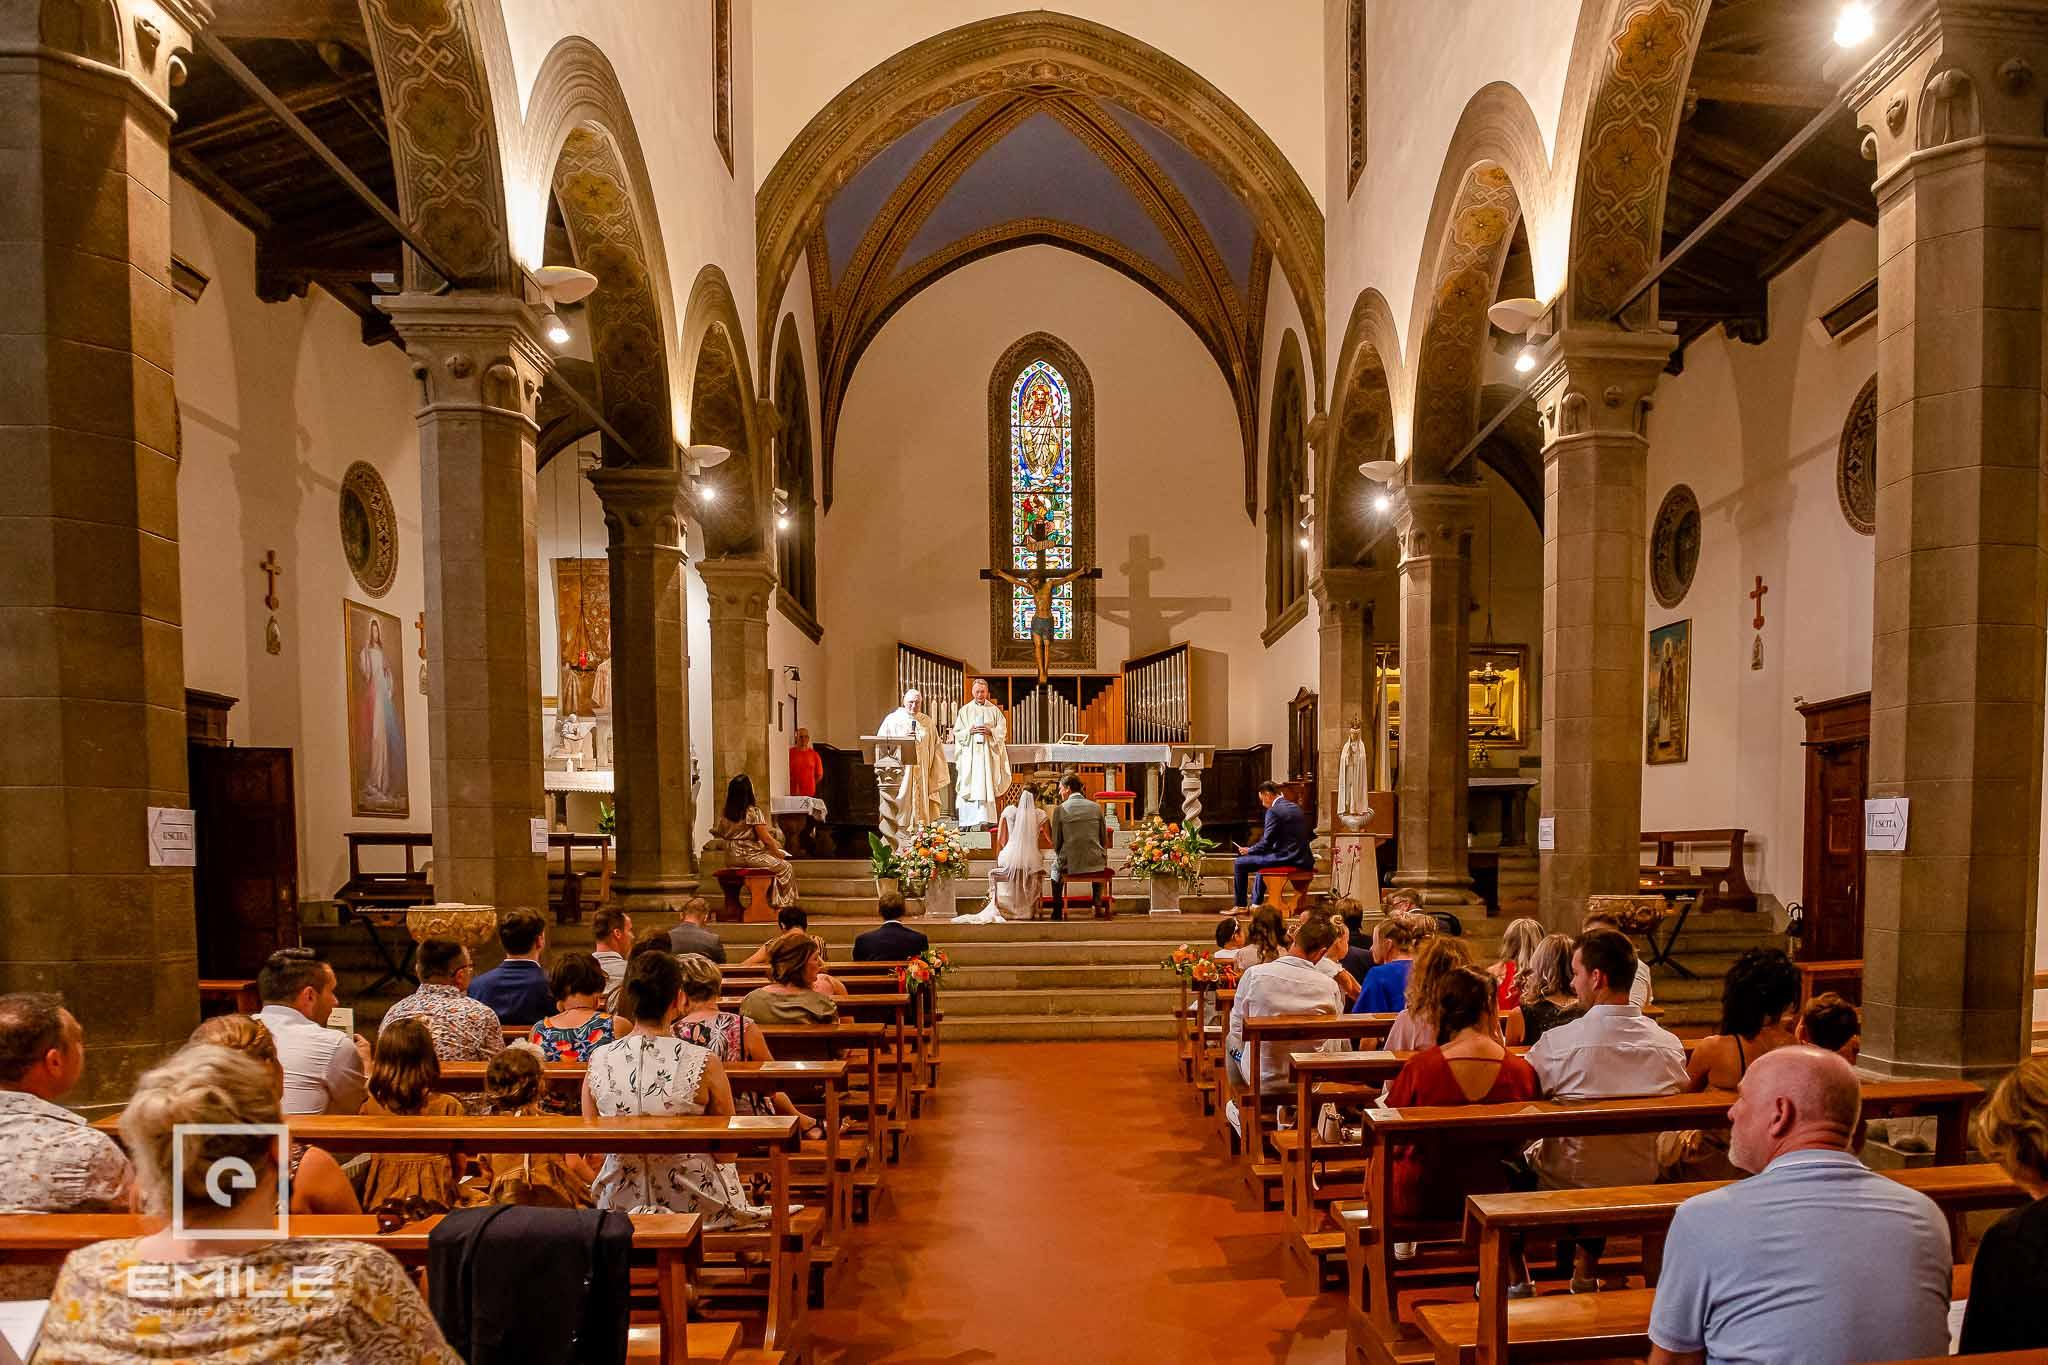 Overzichts foto van de kerk in zijn geheel - Destination wedding San Gimignano - Toscane Italie - Iris en Job